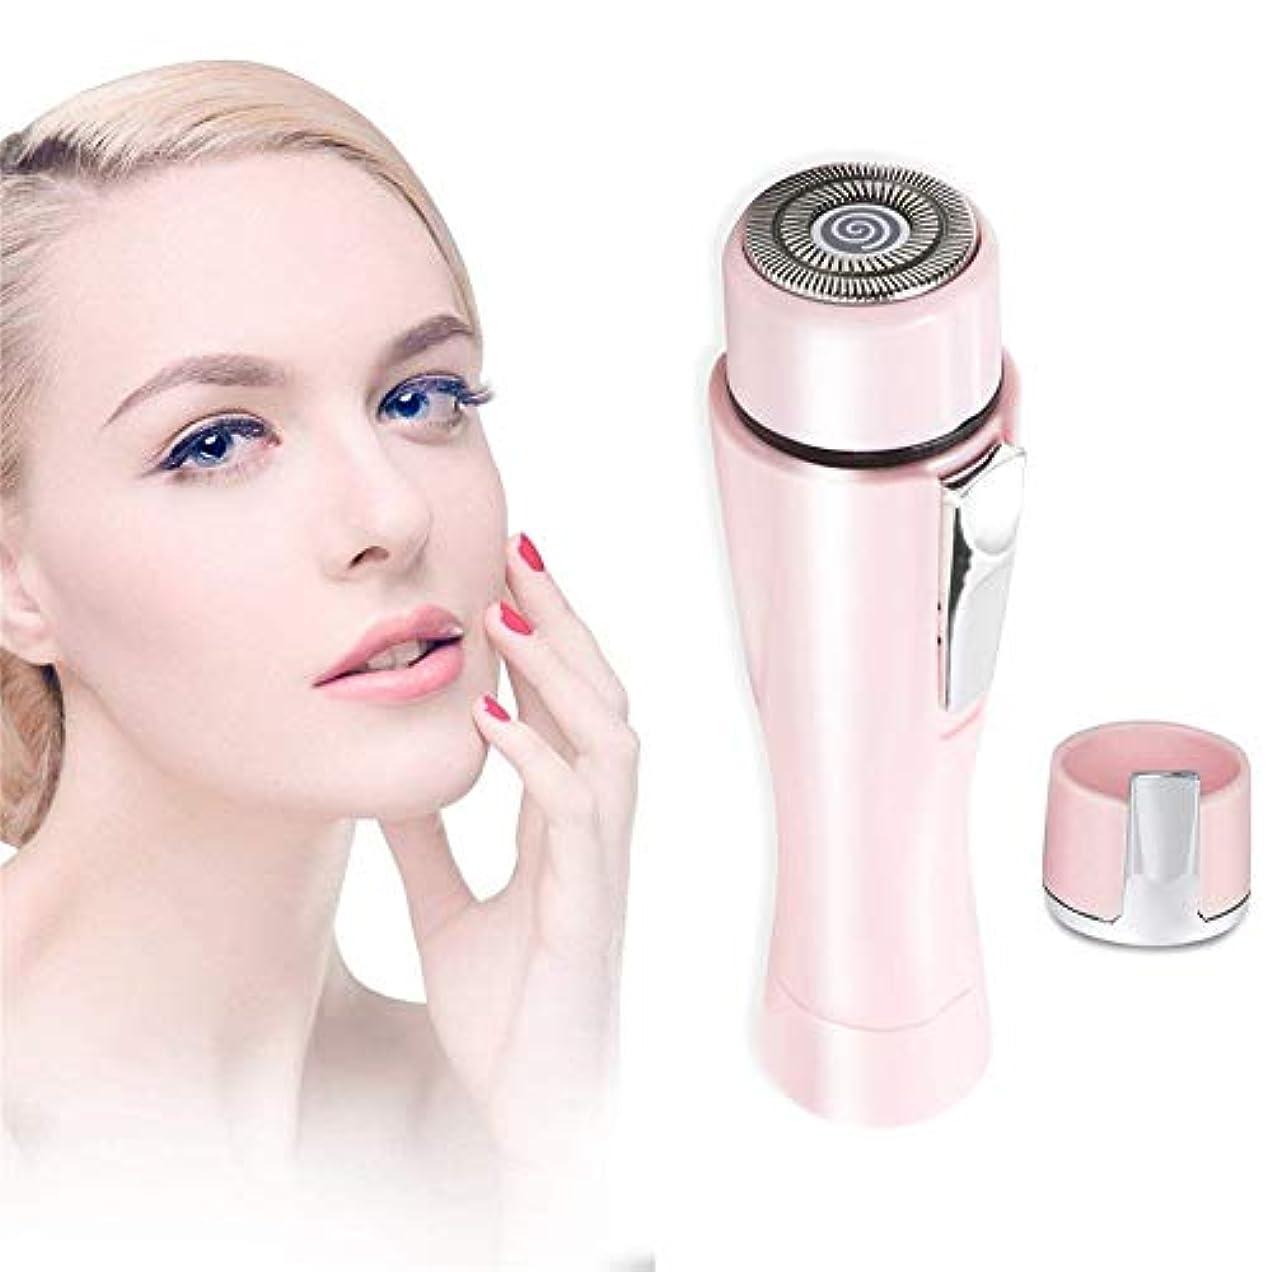 電気毛の除去剤、痛みのない顔の毛の除去剤、完璧な女性の顔の毛のトリマー - ピーチファズ、あご&上唇の口ひげの毛の効果的な除去